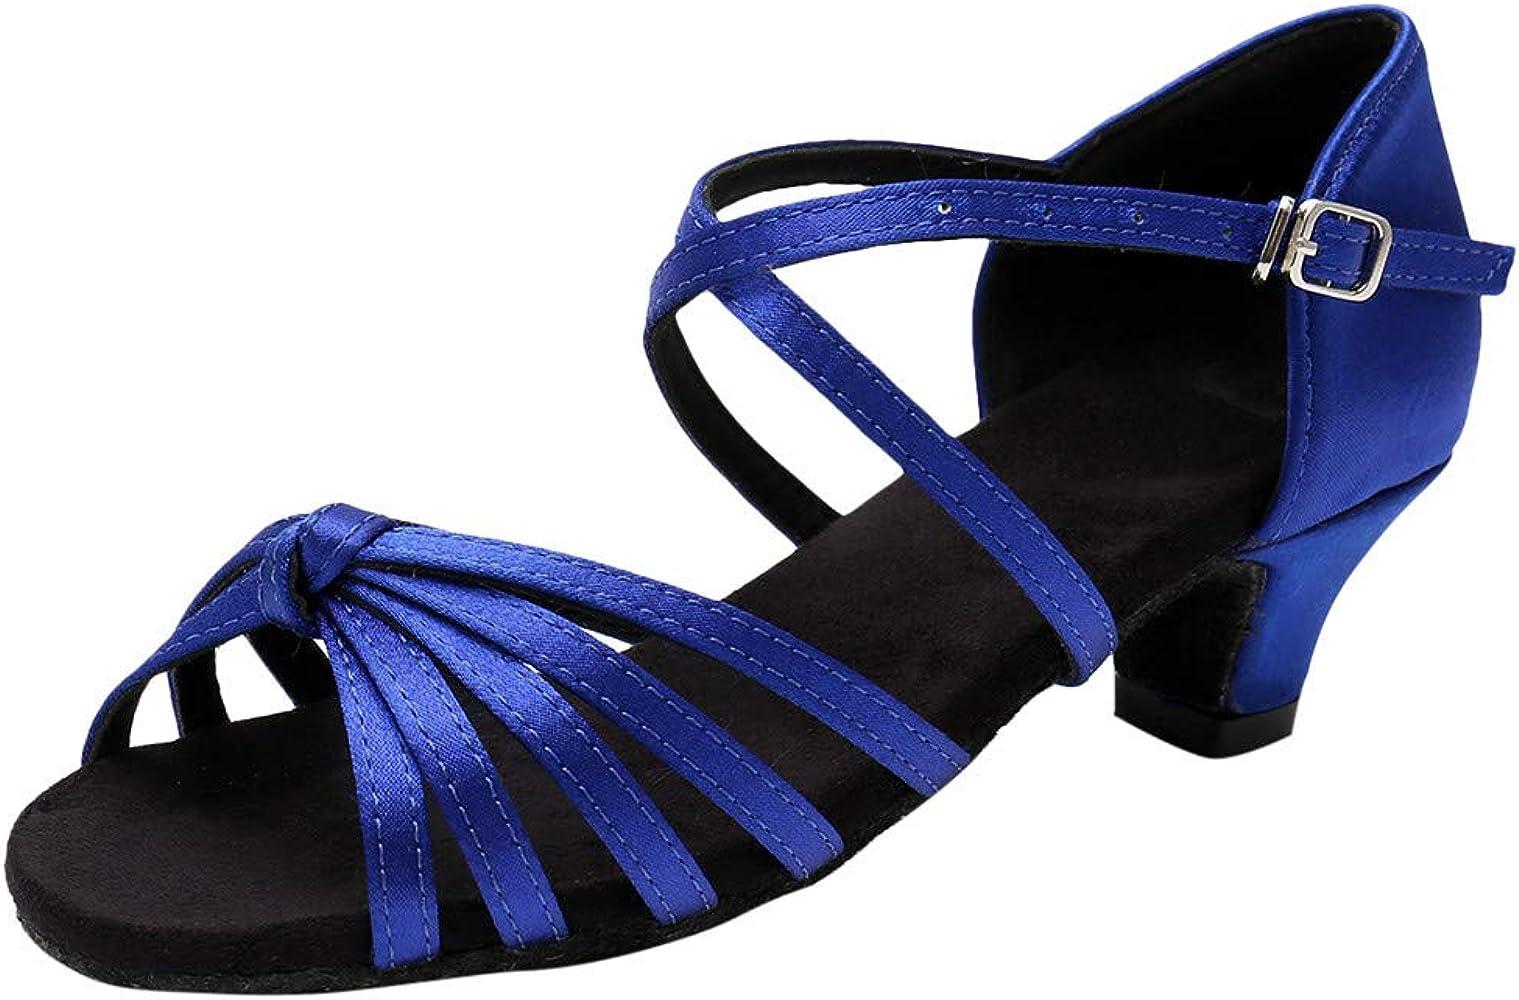 LNGRY Zapatos para bebé, para niñas y niños, Princesa Vendaje Latino Tango Dance Tacones Gruesos Sandalias - Azul - 12-13 años: Amazon.es: Ropa y accesorios